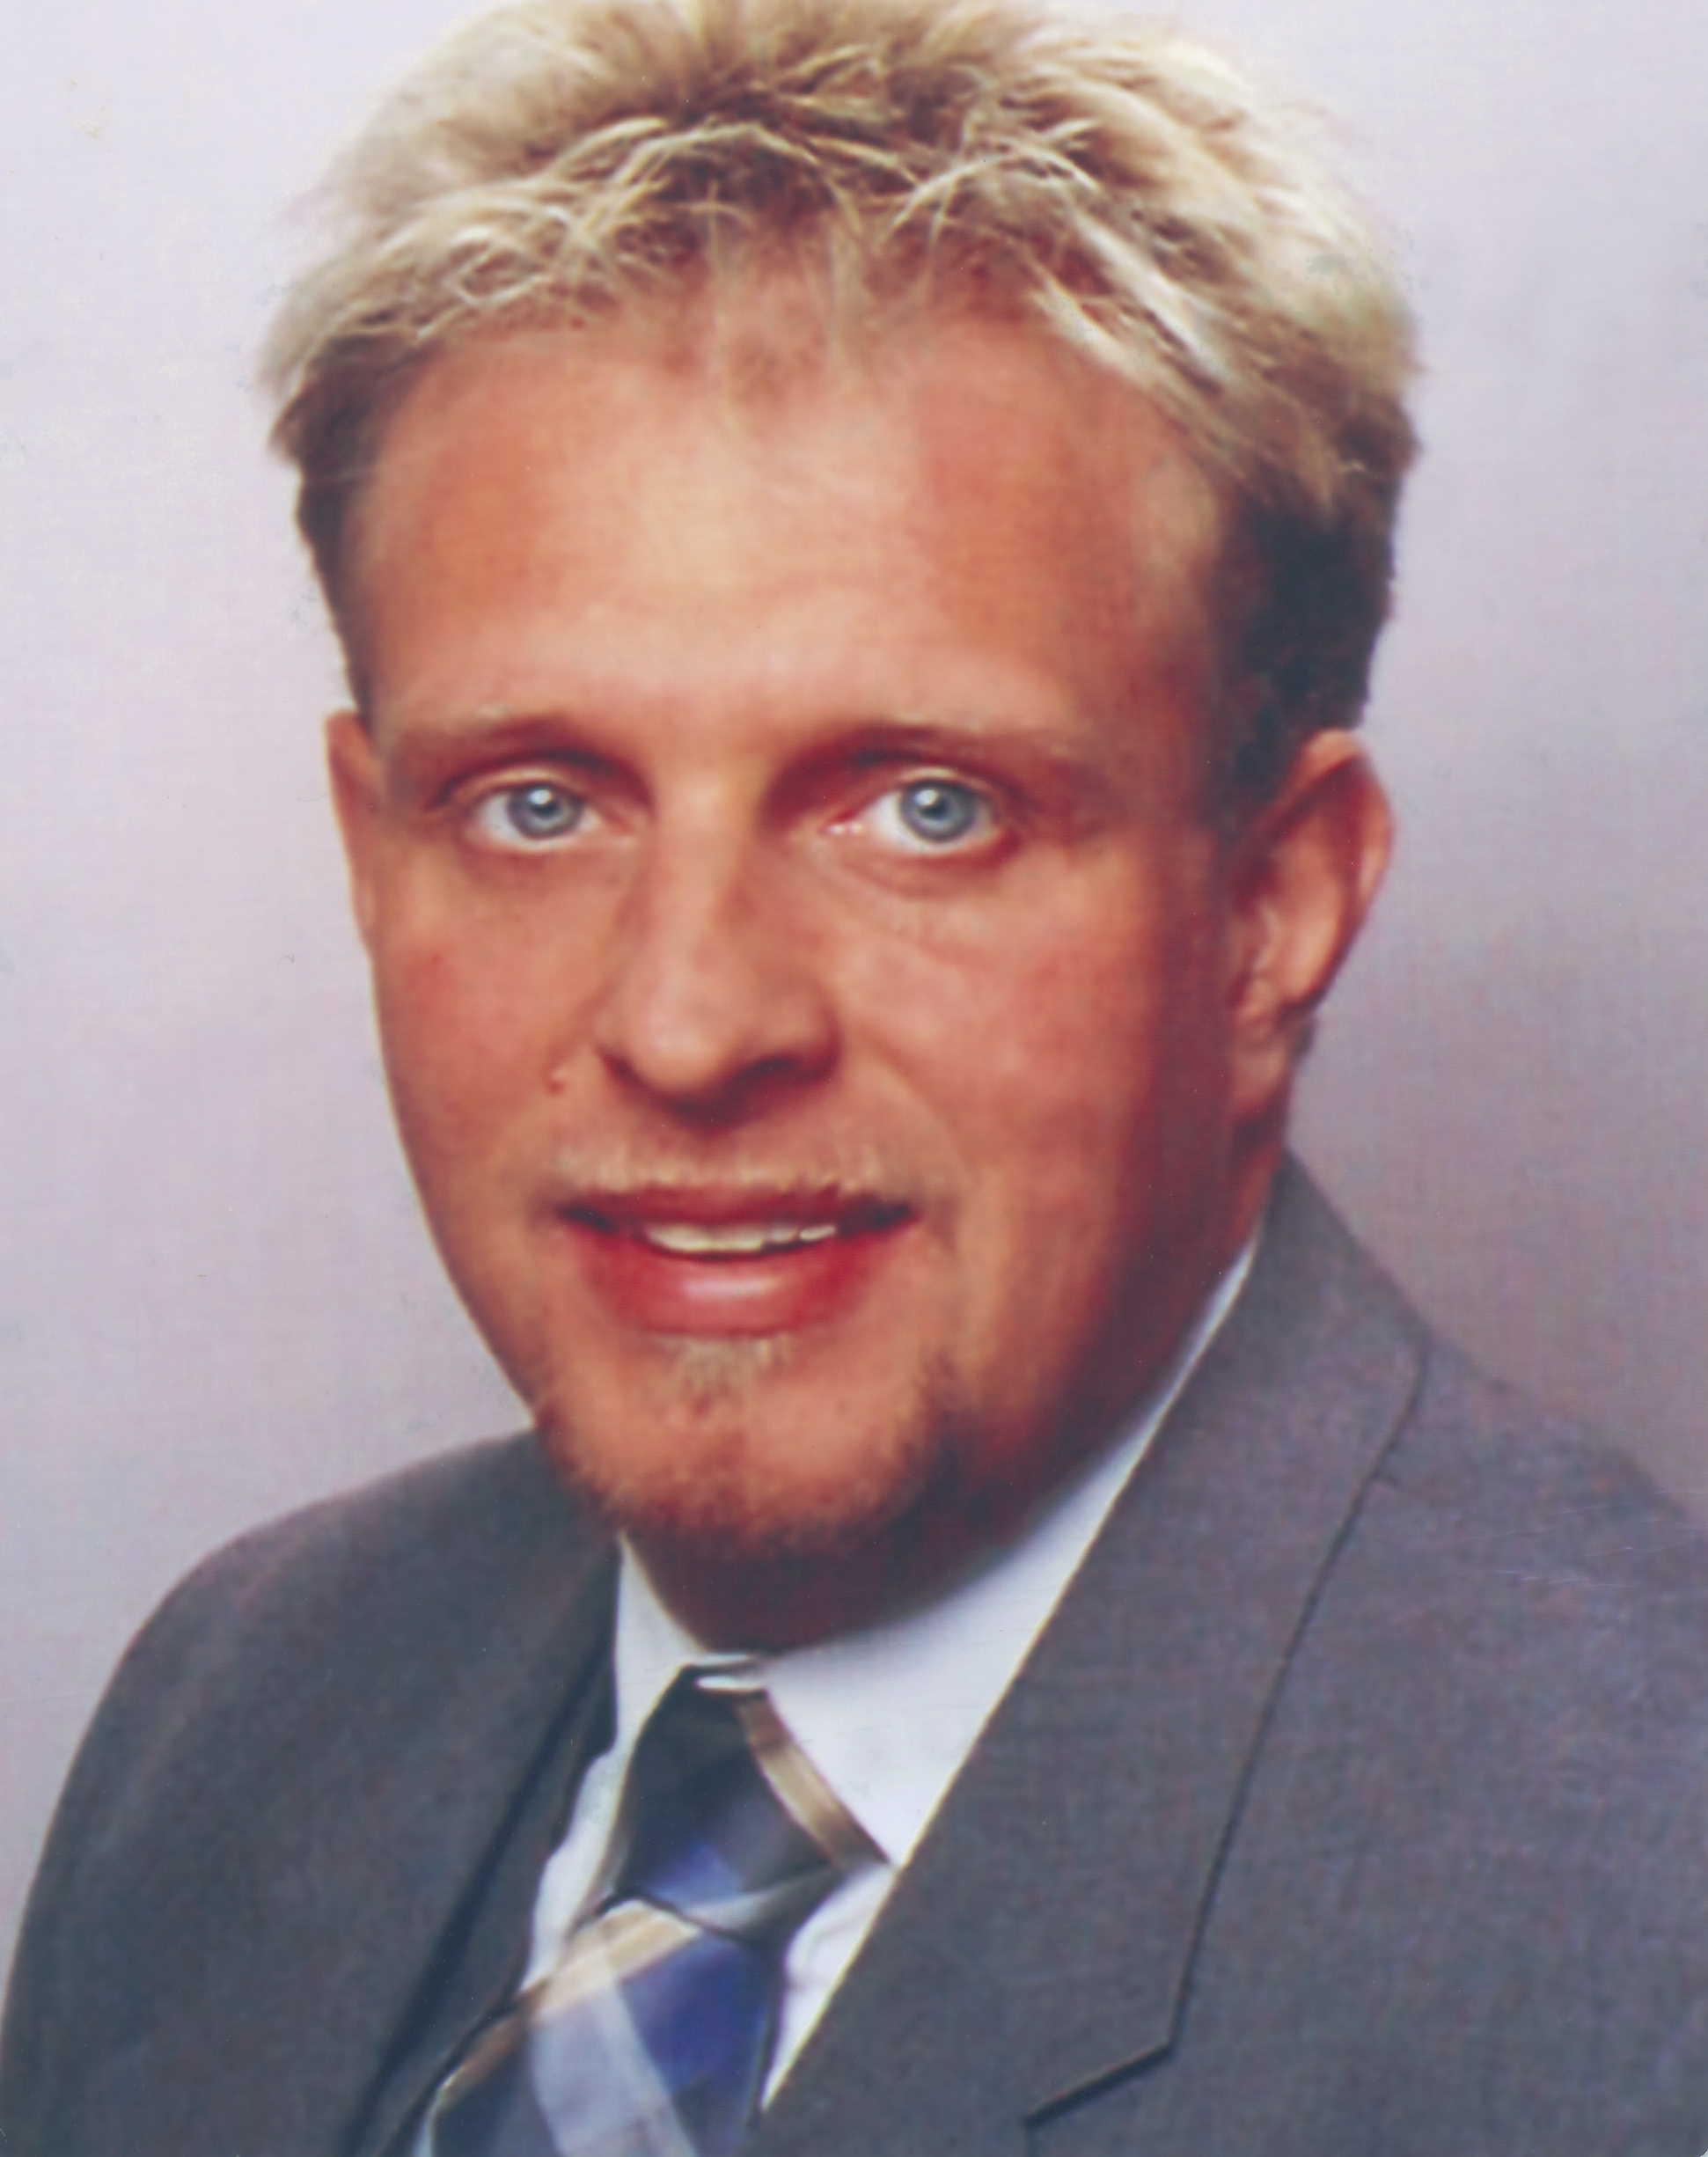 Neuer PBC Sales Agent mit Regionalschwerpunkt Baden-Württemberg: <b>Mirko Irion</b> - Mirko_Irion